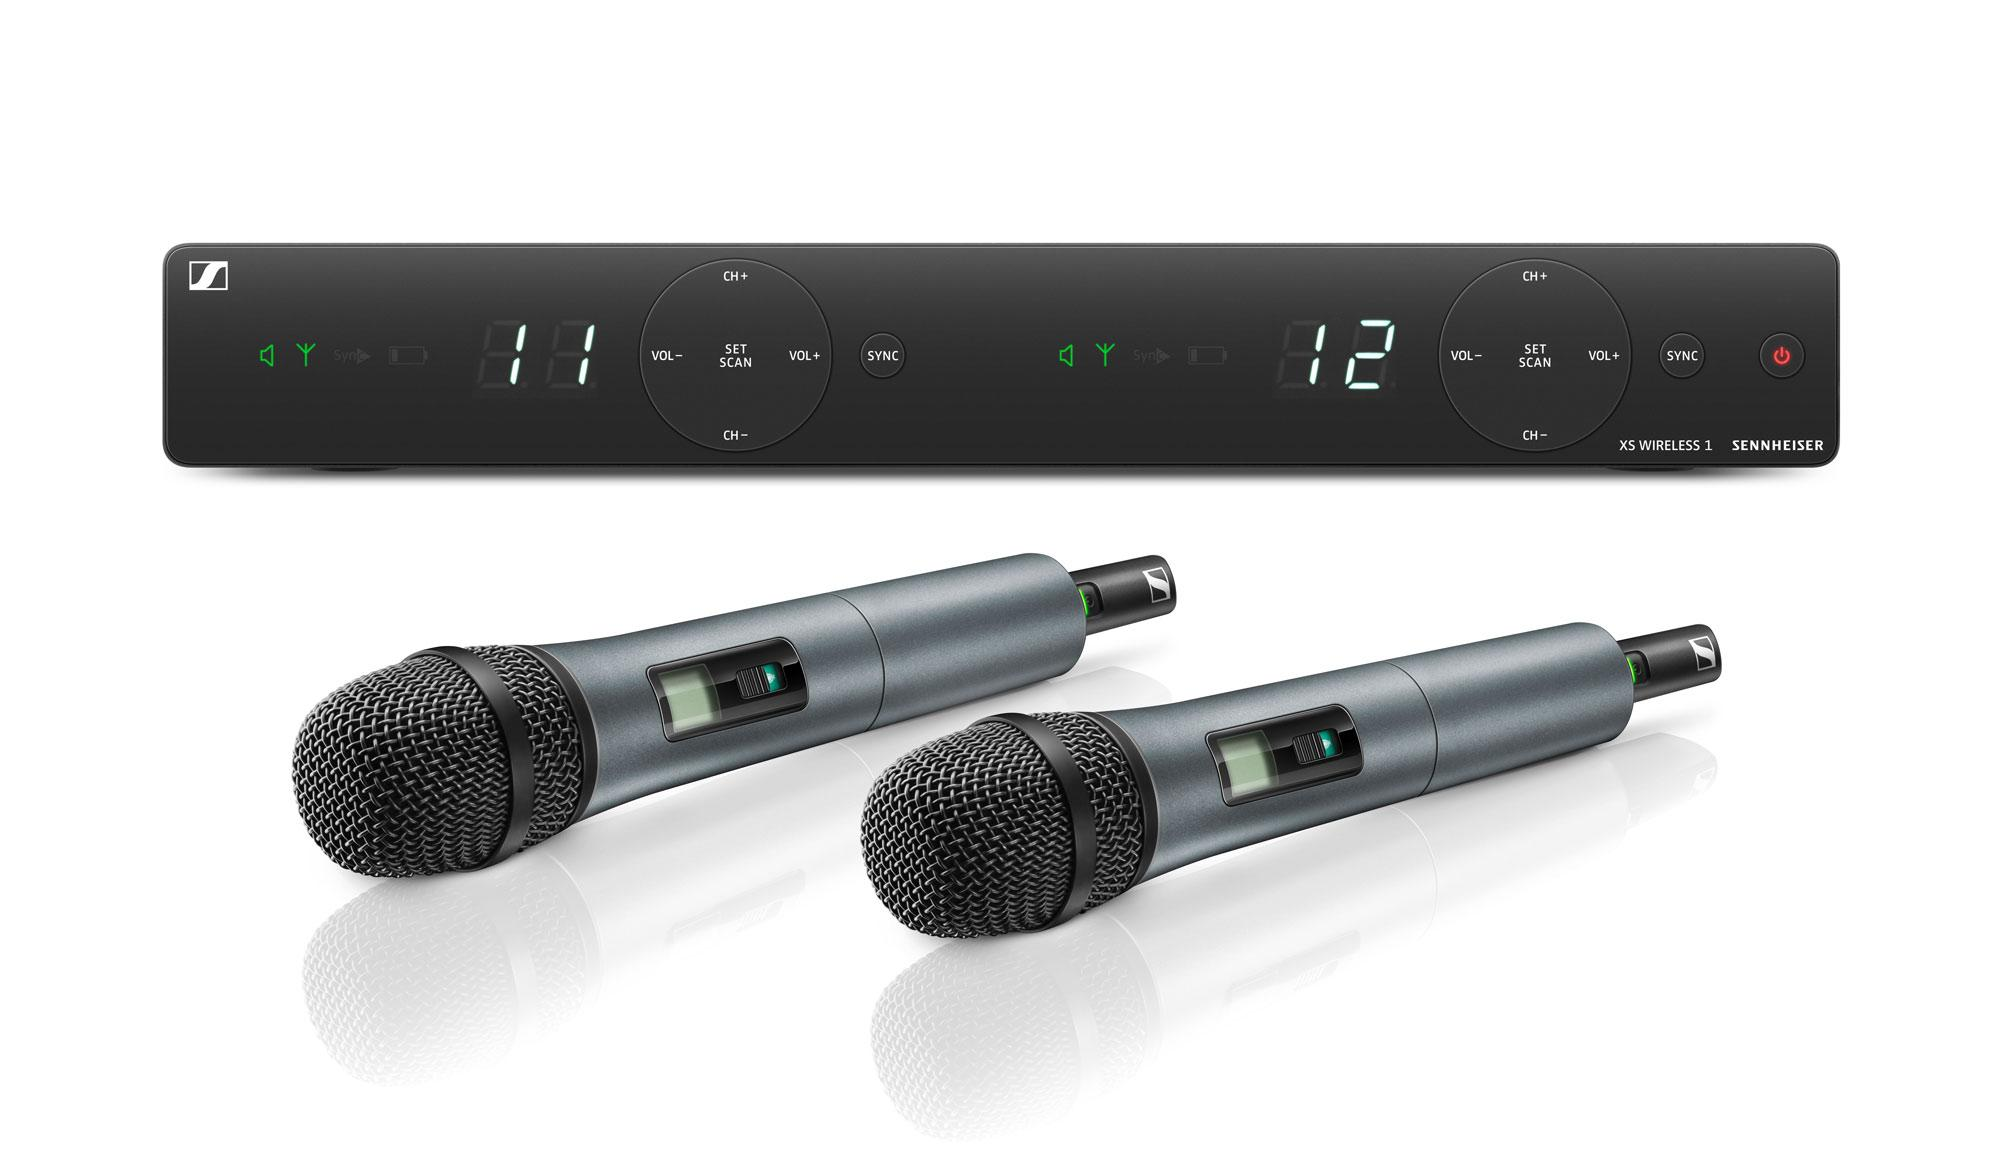 Sennheiser XSW 1 825 Dual Wireless